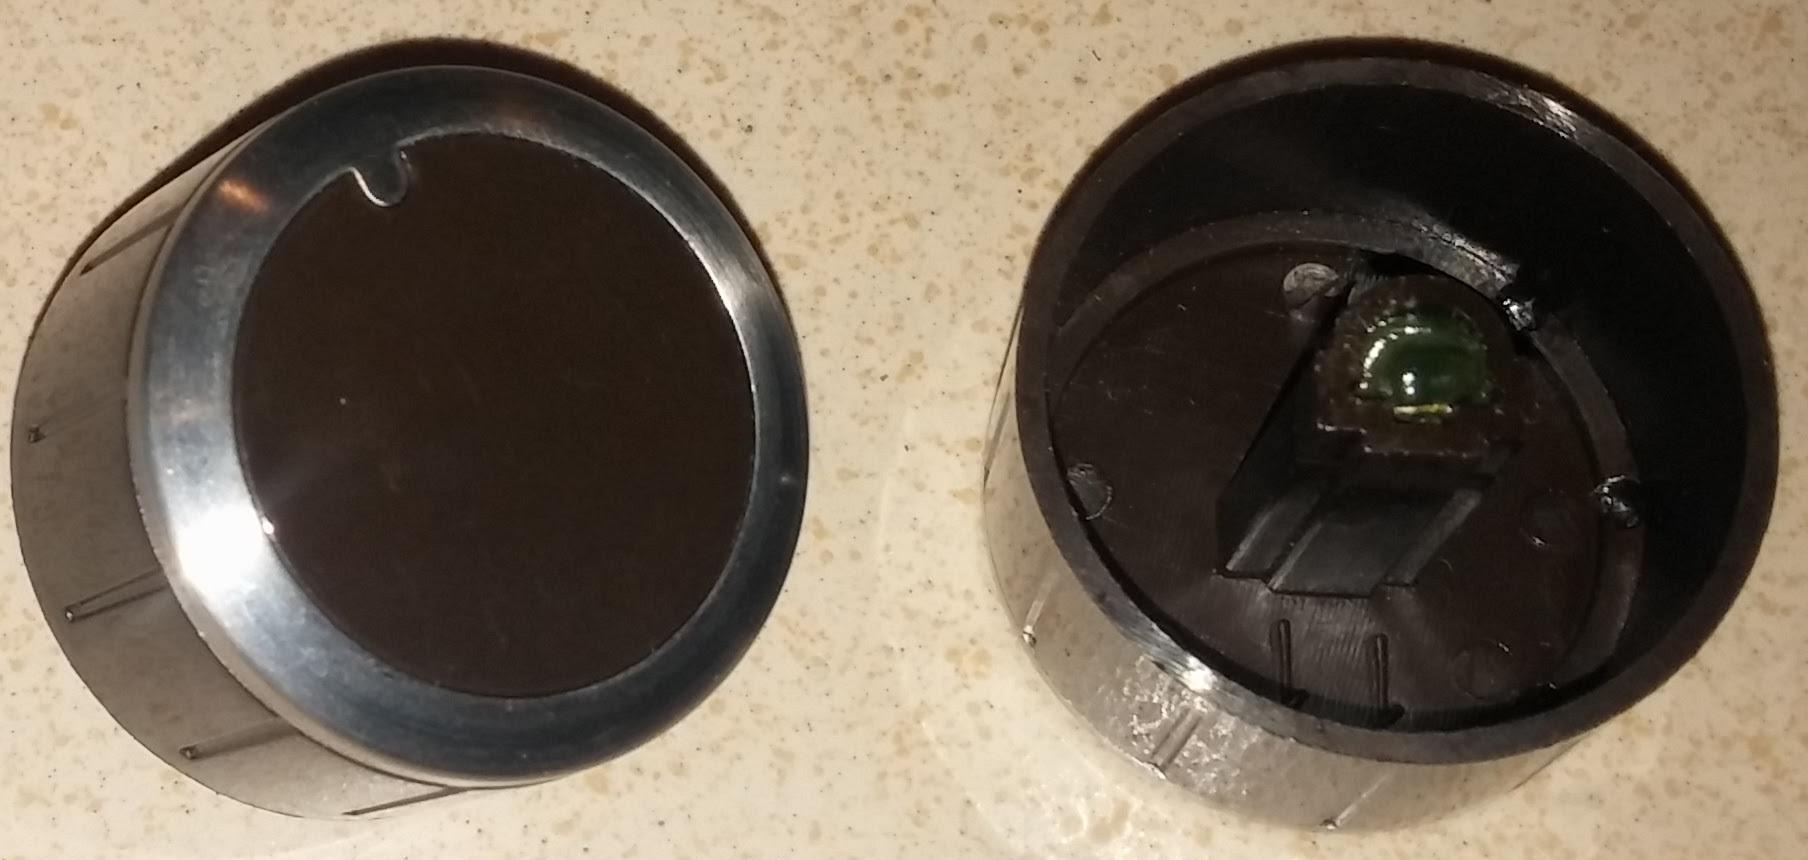 gf-021 коричневая